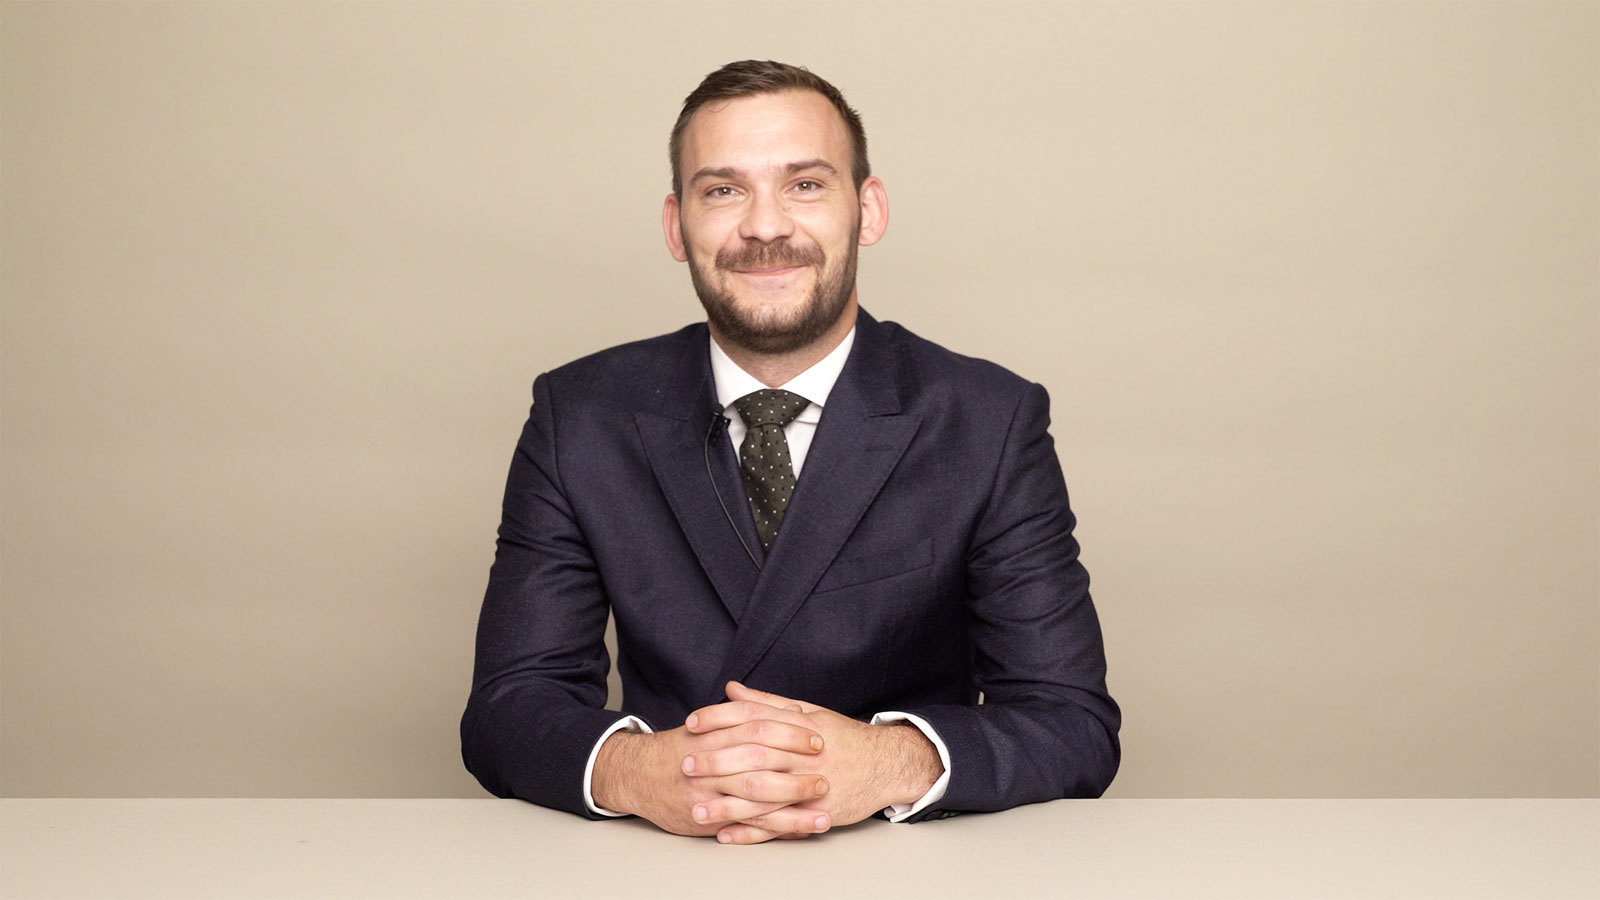 Wüstenrot Finanzberater Alexander Buchner hat die wichtigsten Punkte zur Hausfinanzierung zusammengestellt